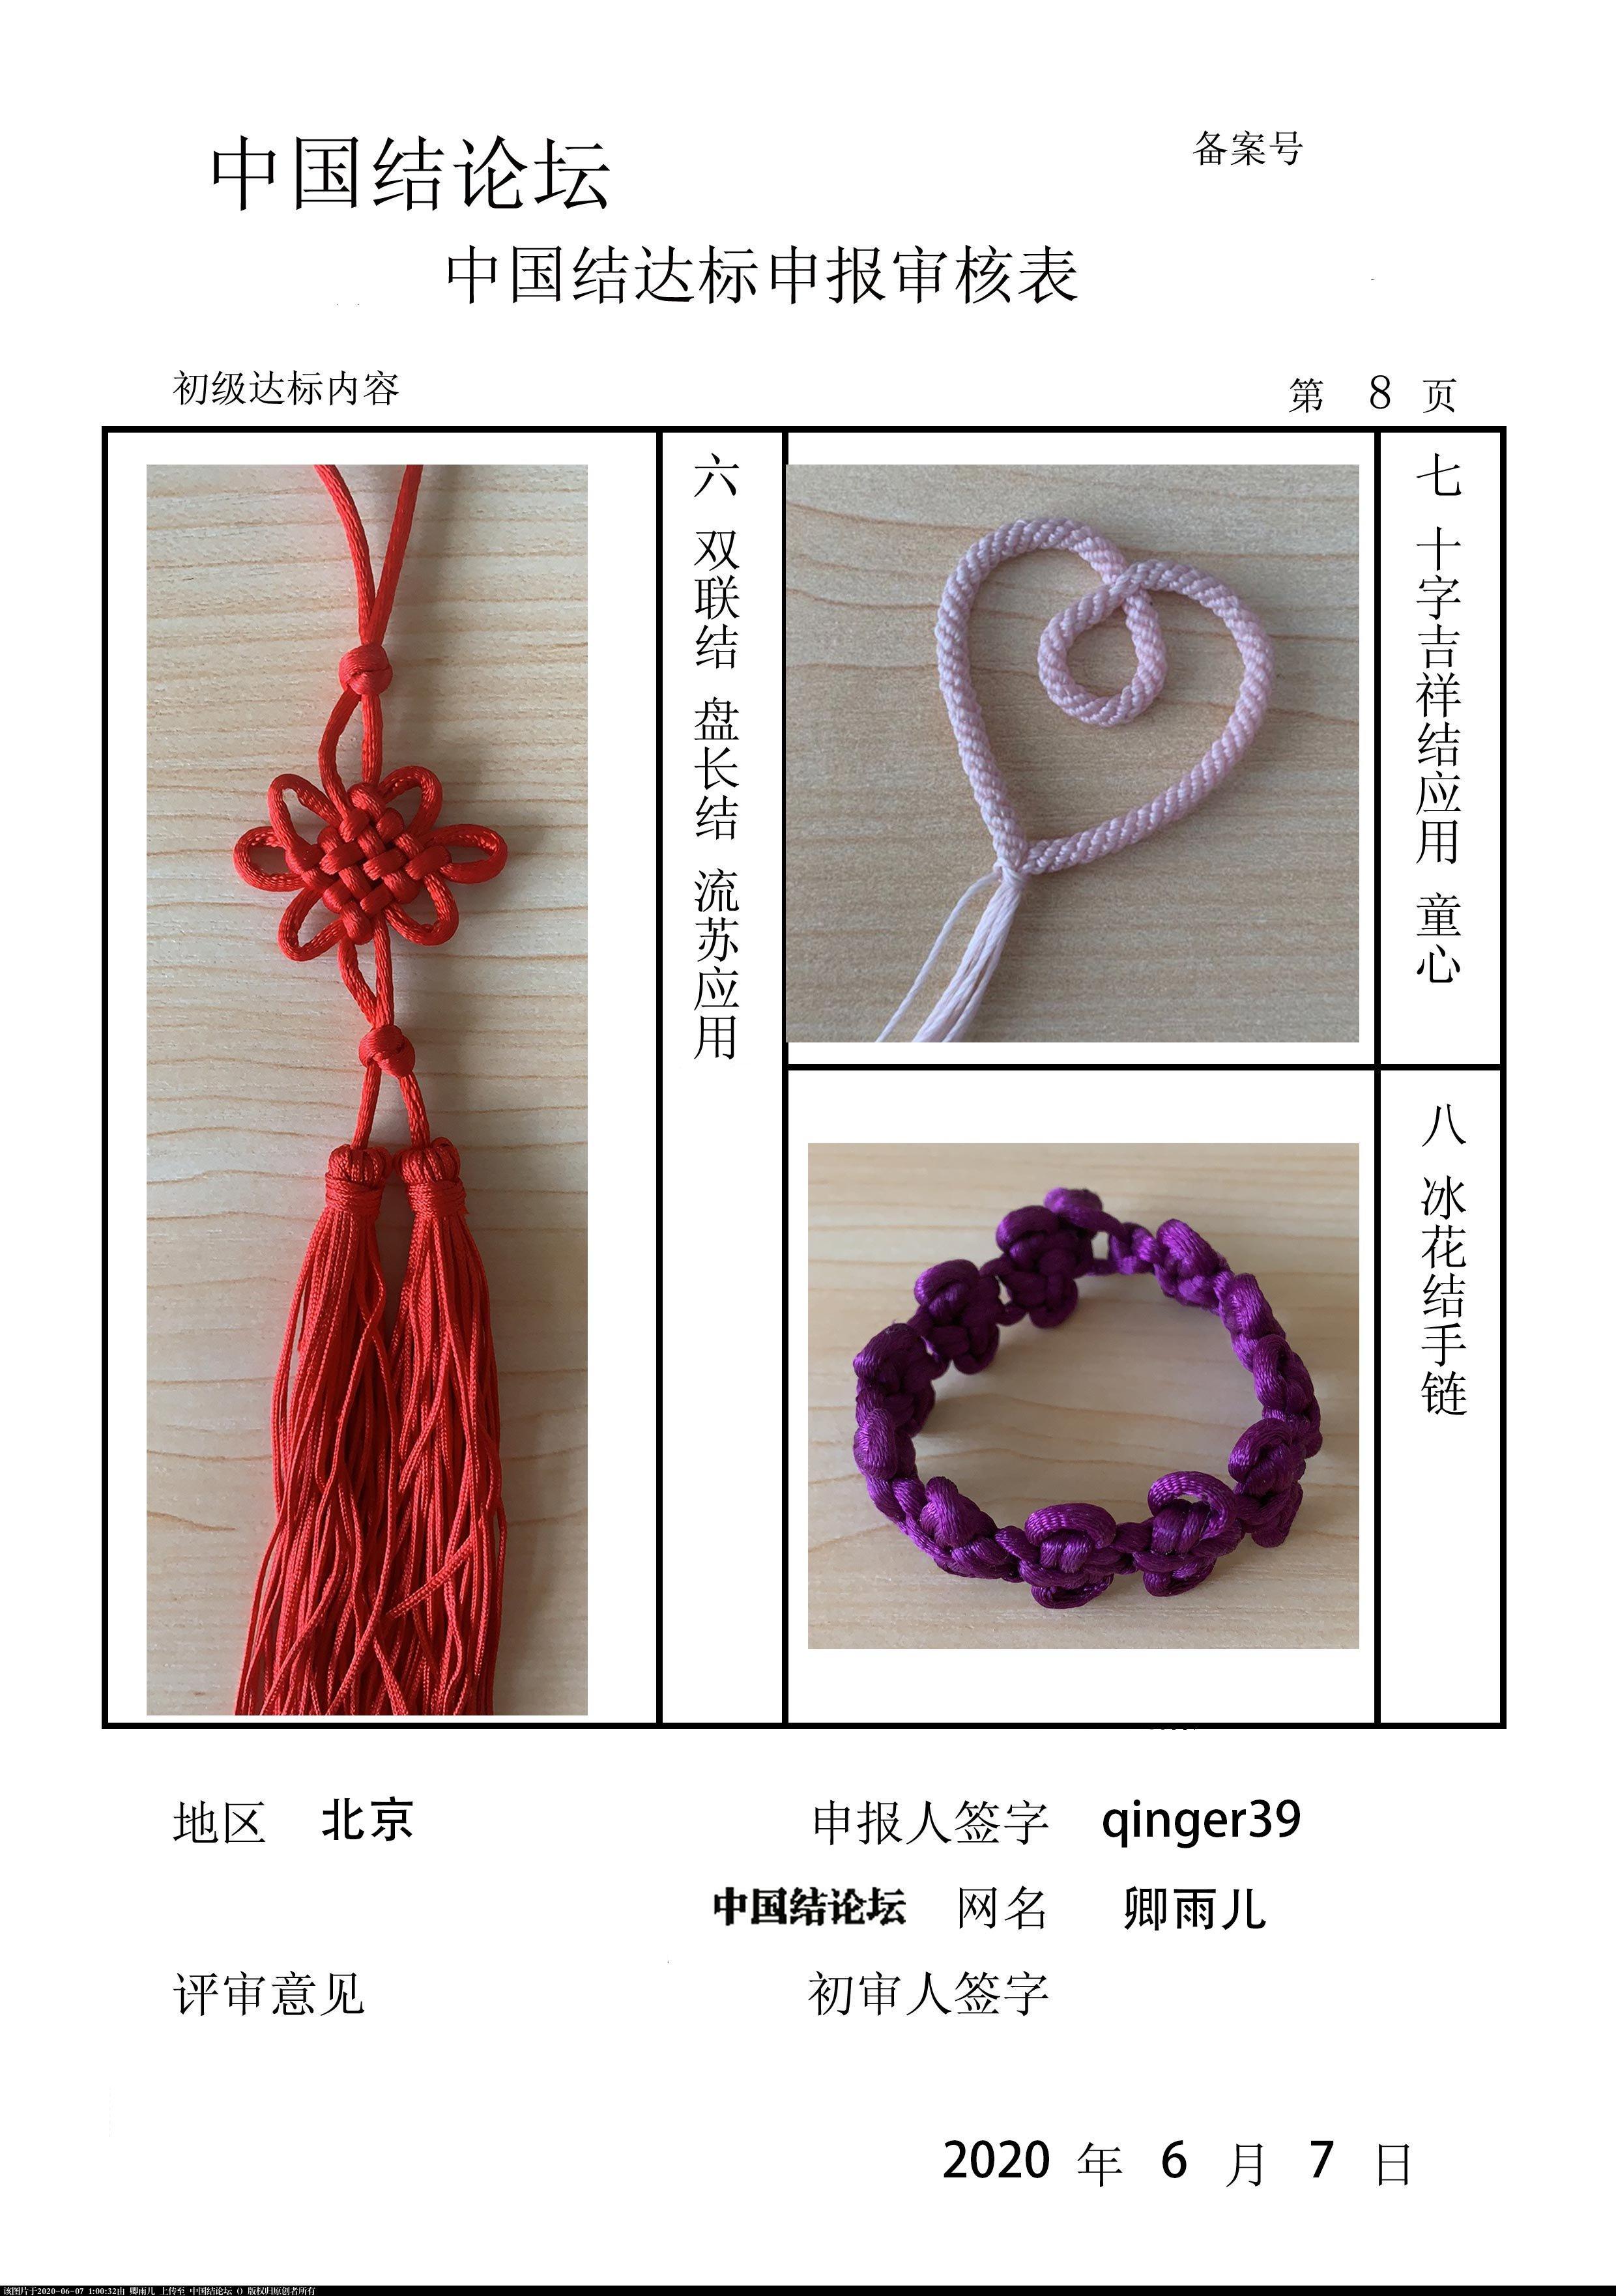 中国结论坛 qinger39-初级达标申请稿件 自备稿件《我》,安全小稿件,宣传稿件,稿件大全,安全稿件 中国绳结艺术分级达标审核 005834b9wkwhgqkc8k2vx2